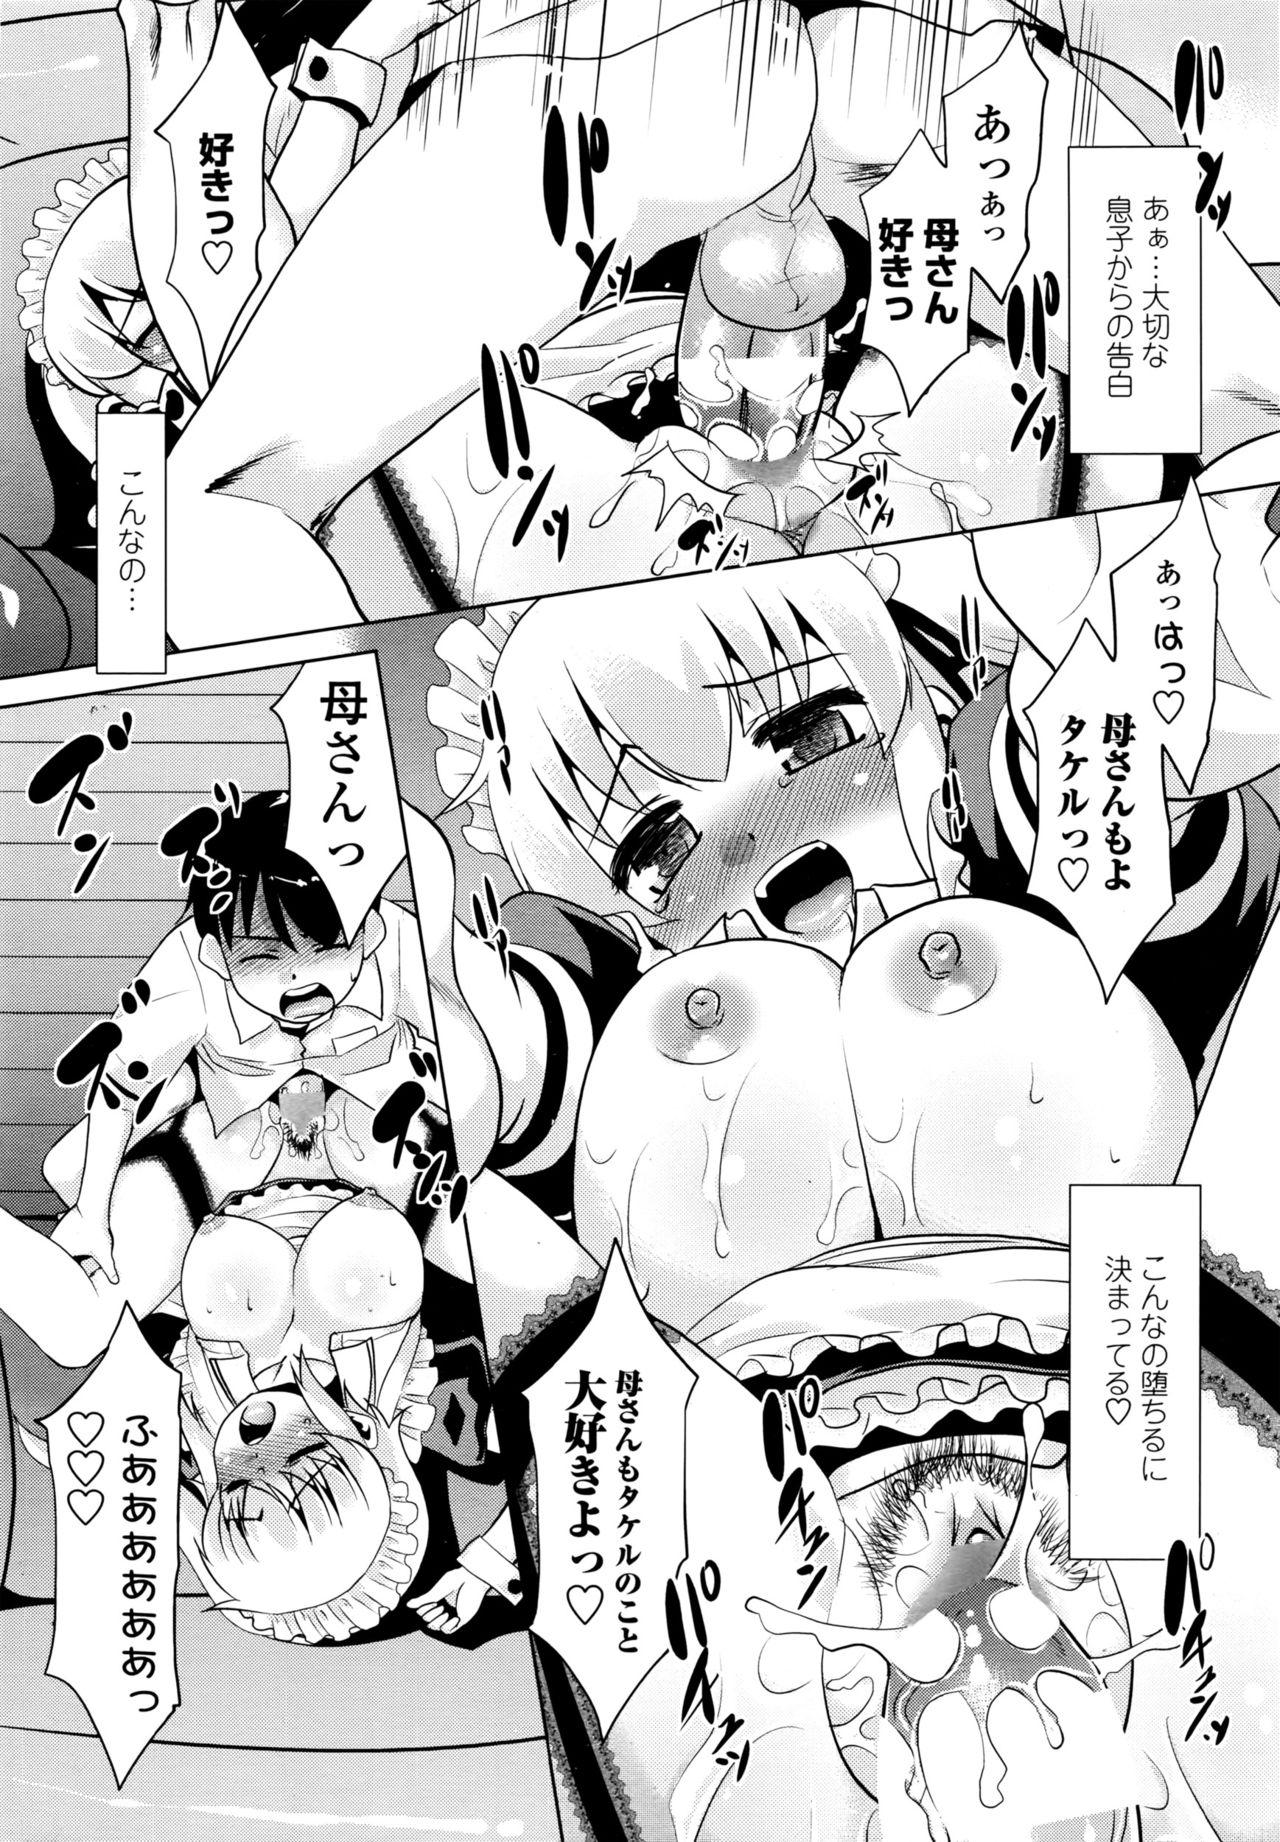 【エロ漫画】息子に重度のコスオタであることがバレてしまった巨乳の母親…口止めしようと勃起したチンコを扱き我慢できなくなった息子と中出しセックス【猫玄:ママメイド】